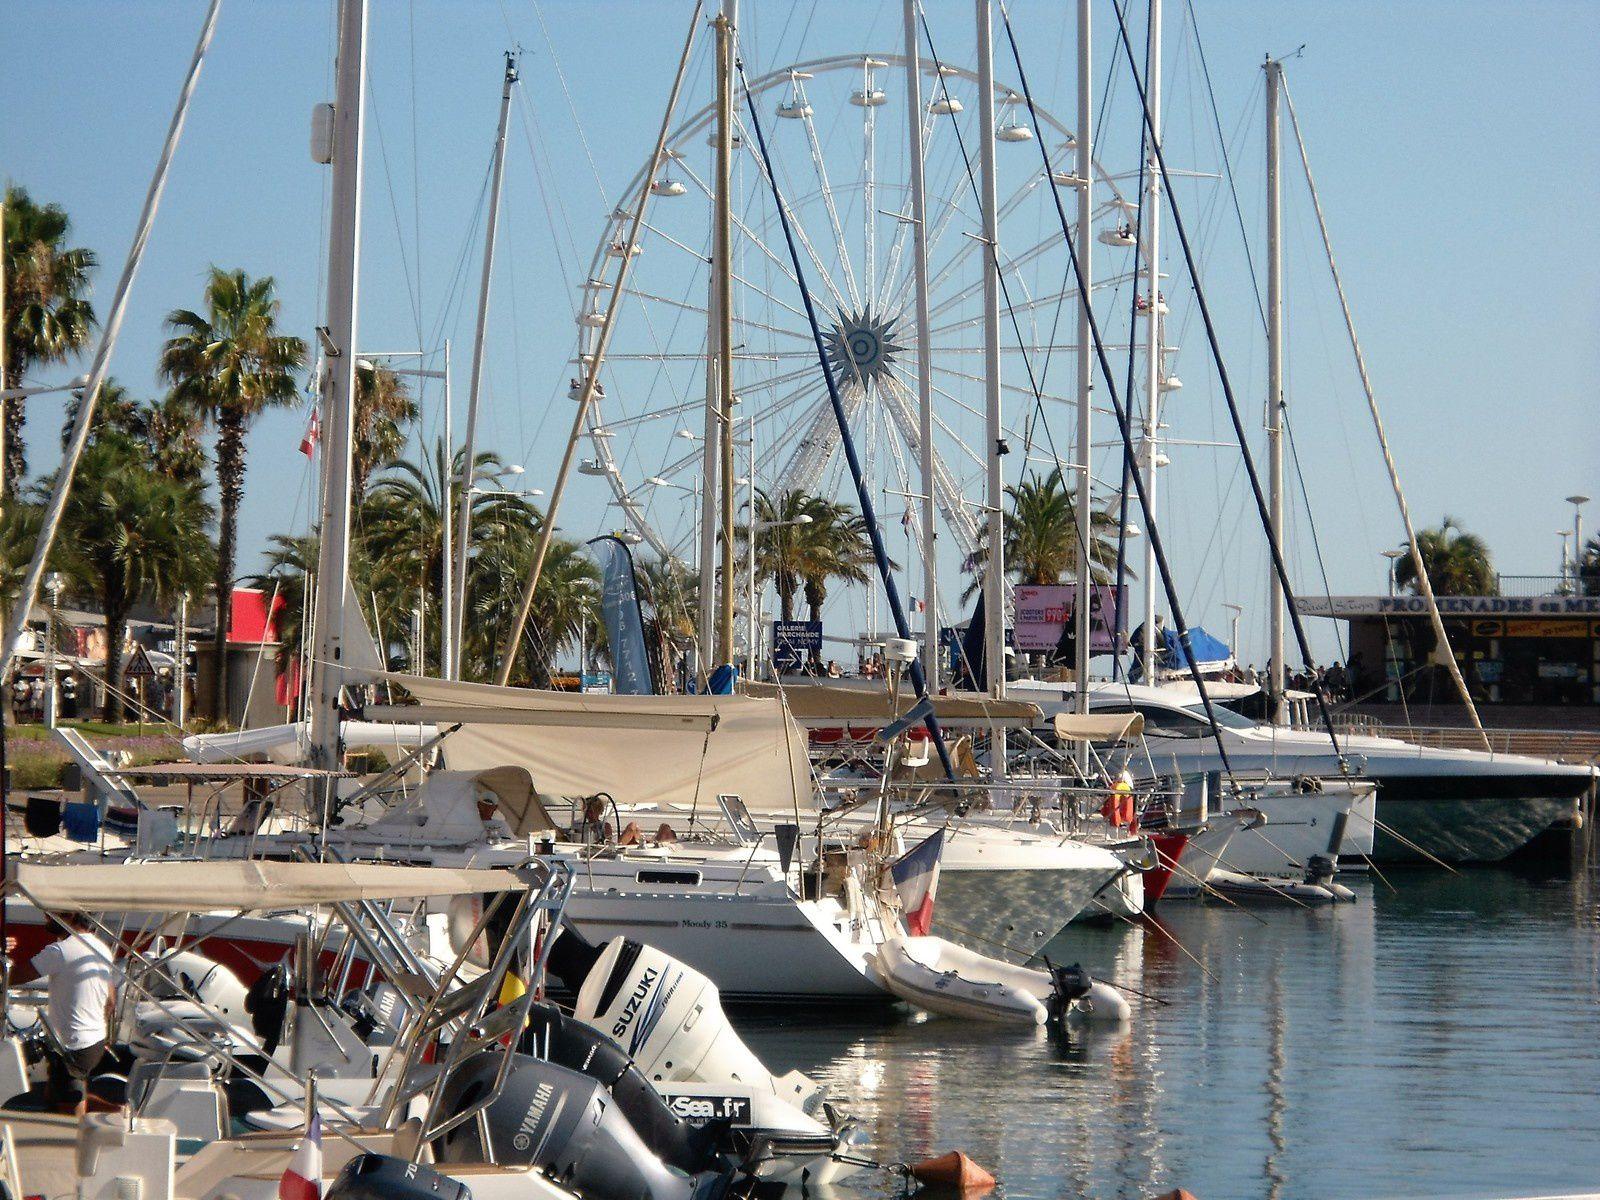 De nombreuses excursions en bateau sont proposées tous les jours